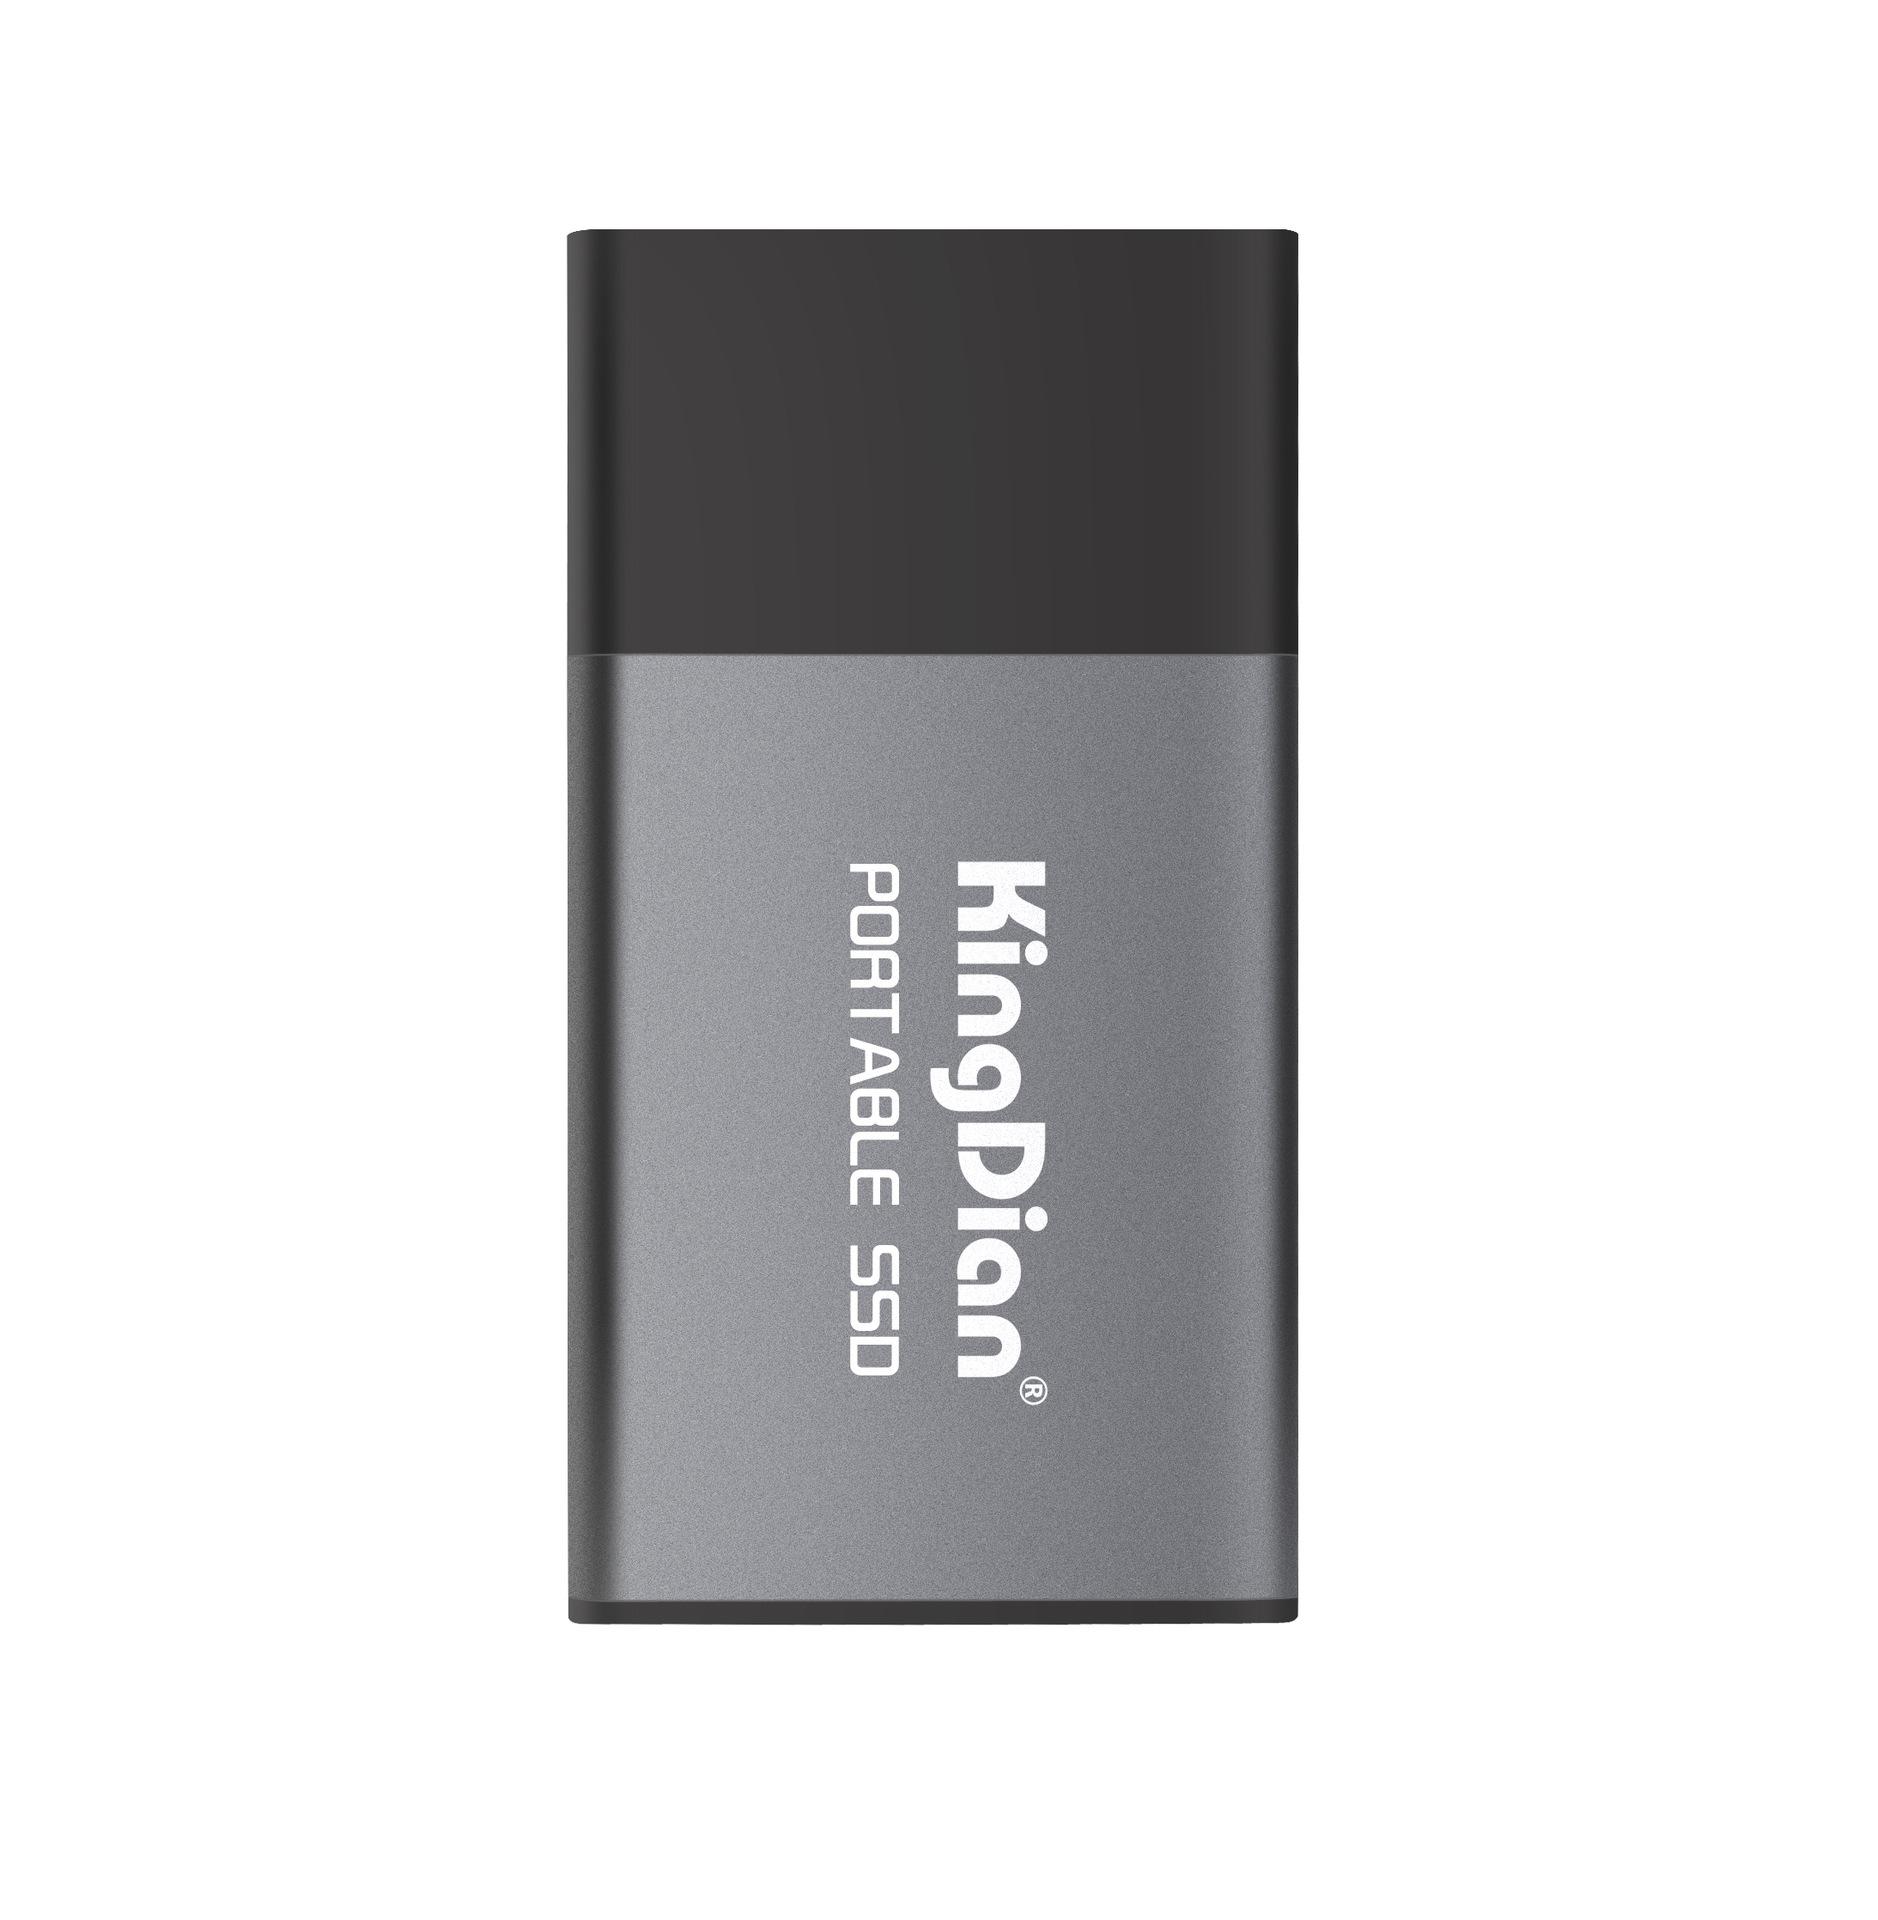 KINGDIAN Ổ cứng SSD Mã vàng P10 120G / 250G / 500GB TYPE-C Ổ cứng thể rắn di động USB3.0 Slim